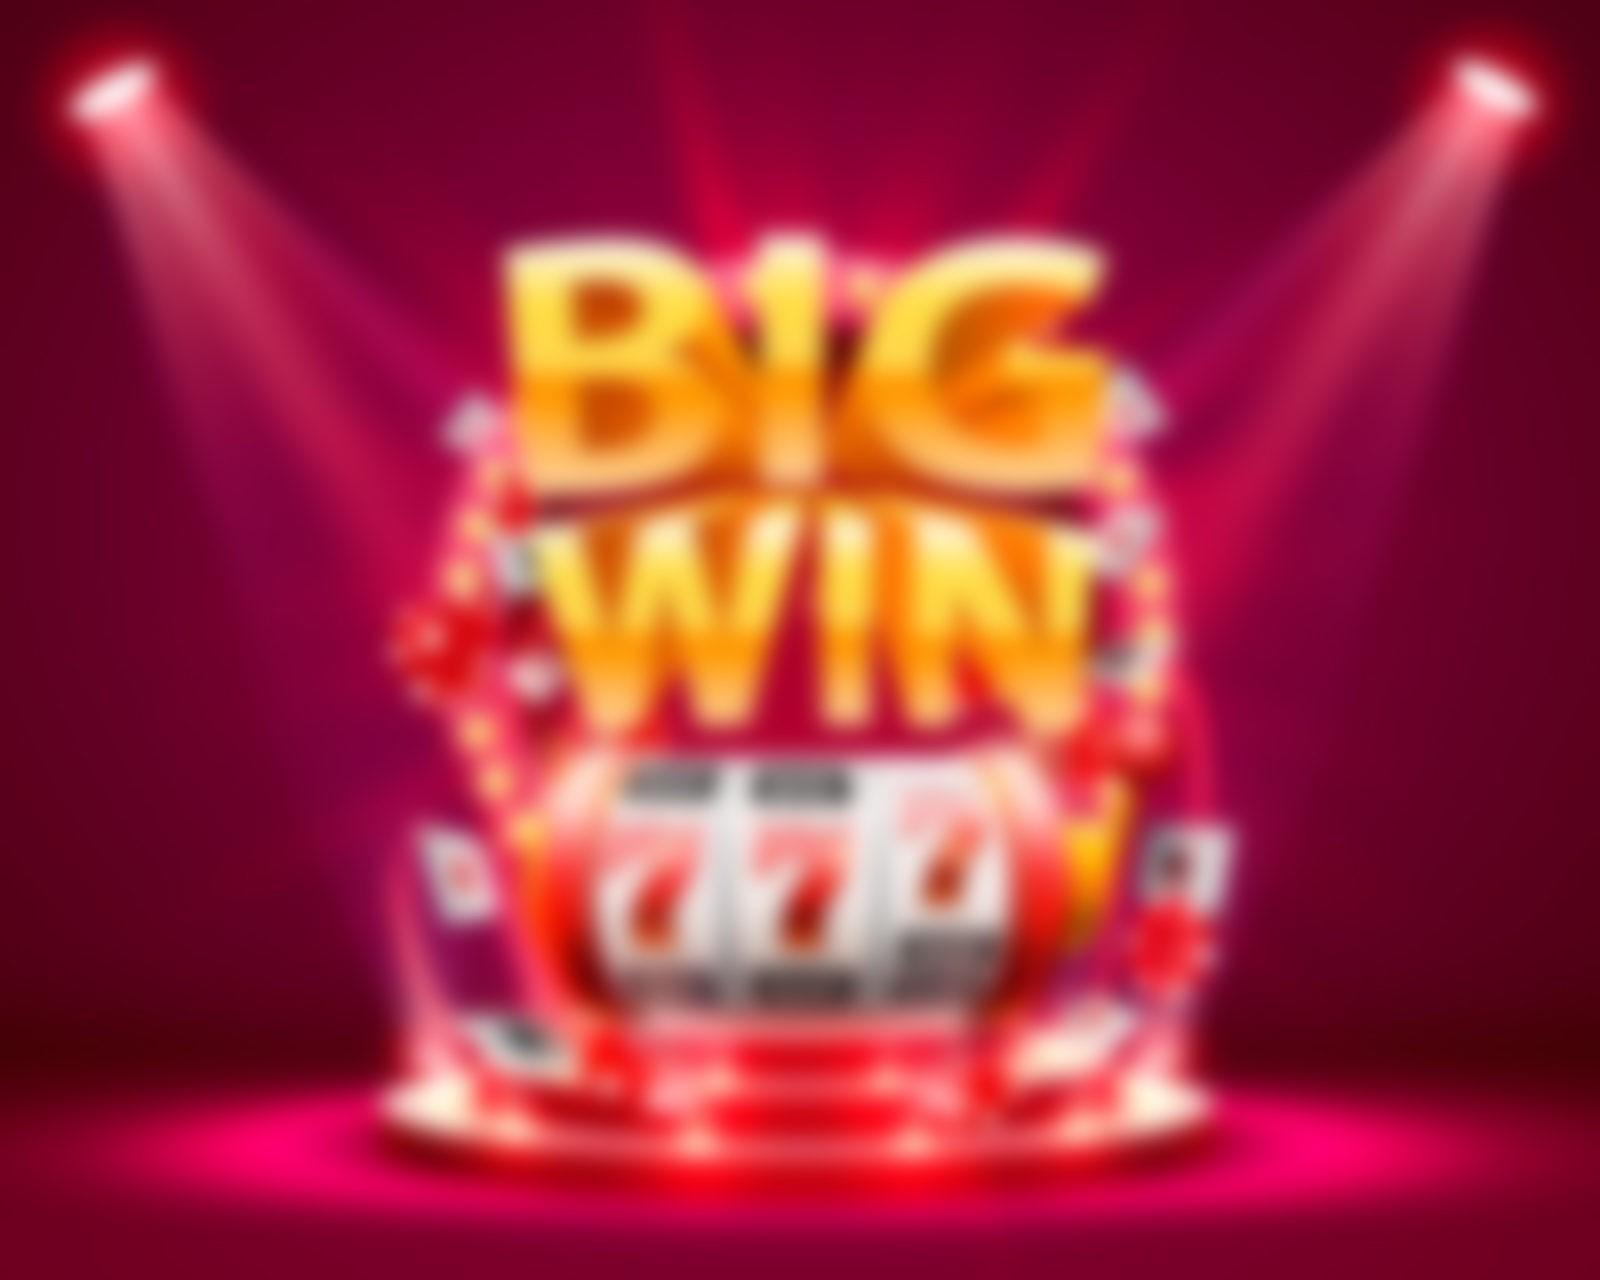 Rekordowa wygrana w kasynie online